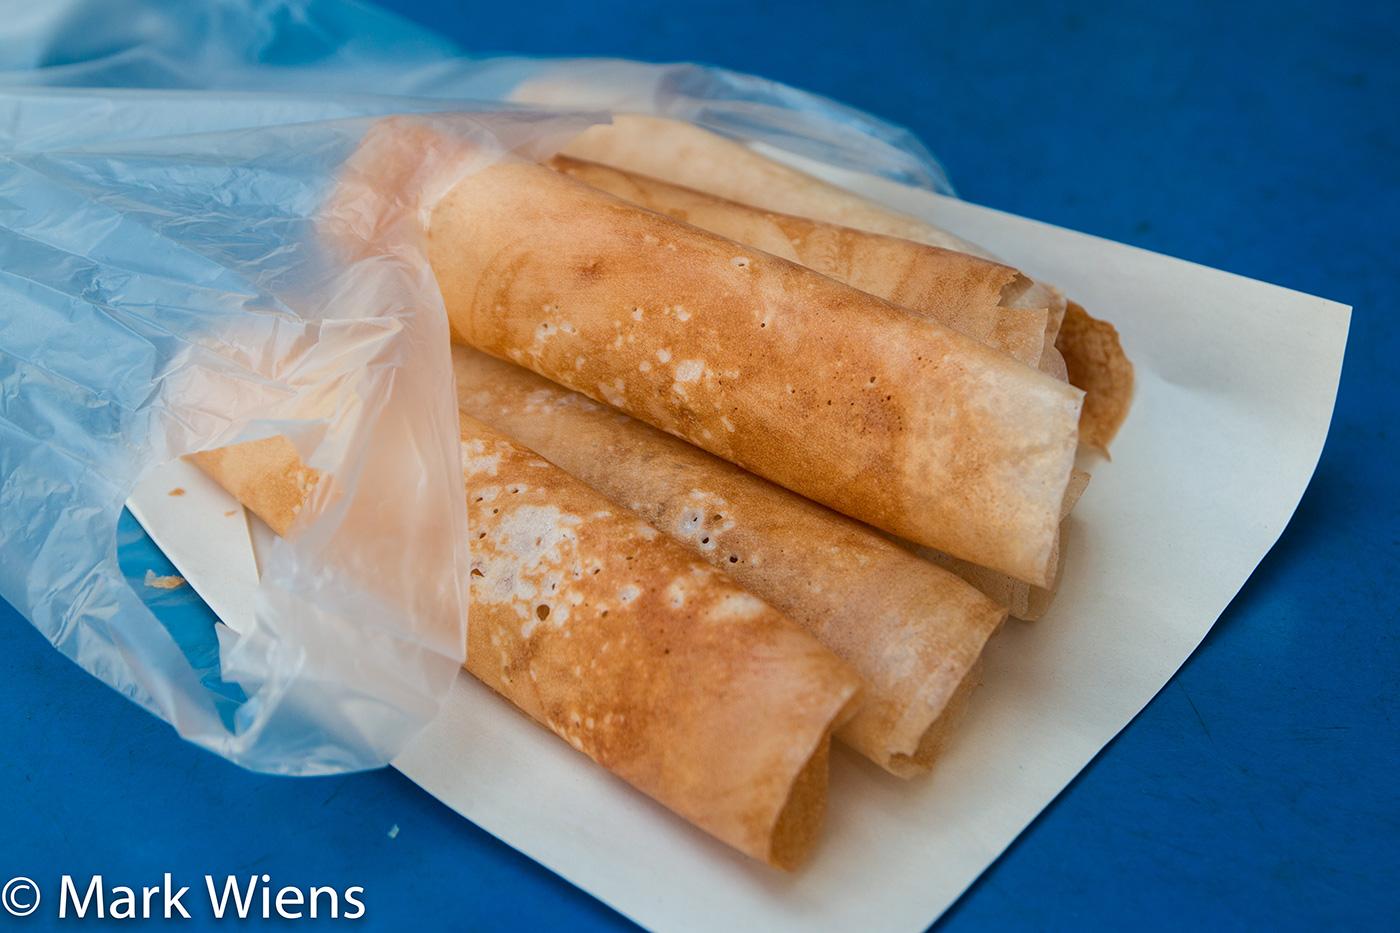 khanom ahpong (ขนมอาโป๊ง)